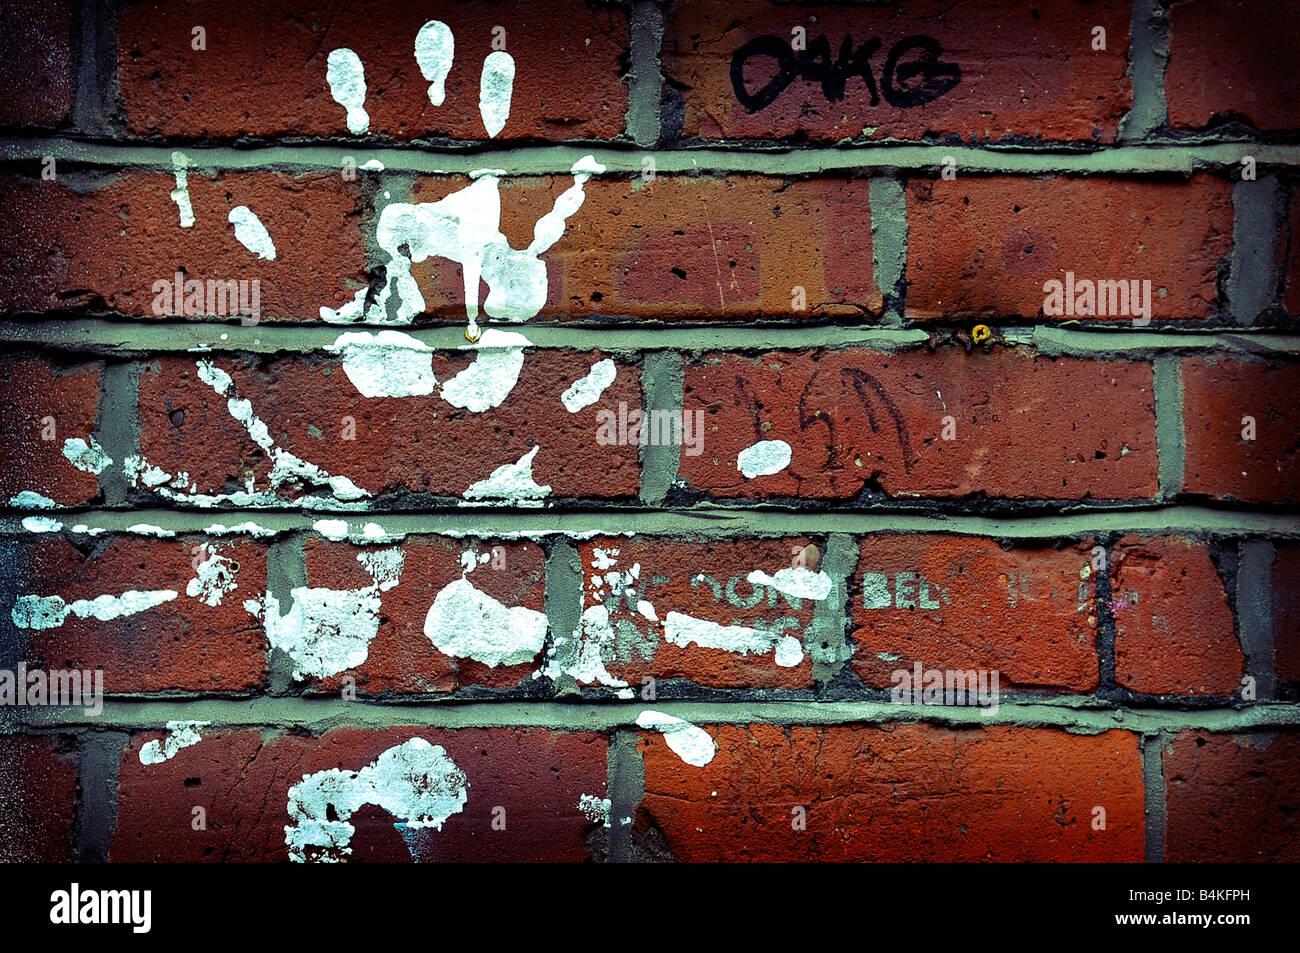 Grafiti wall red - Stock Photo White Paint Handprints Red Brick Wall Art Graffiti